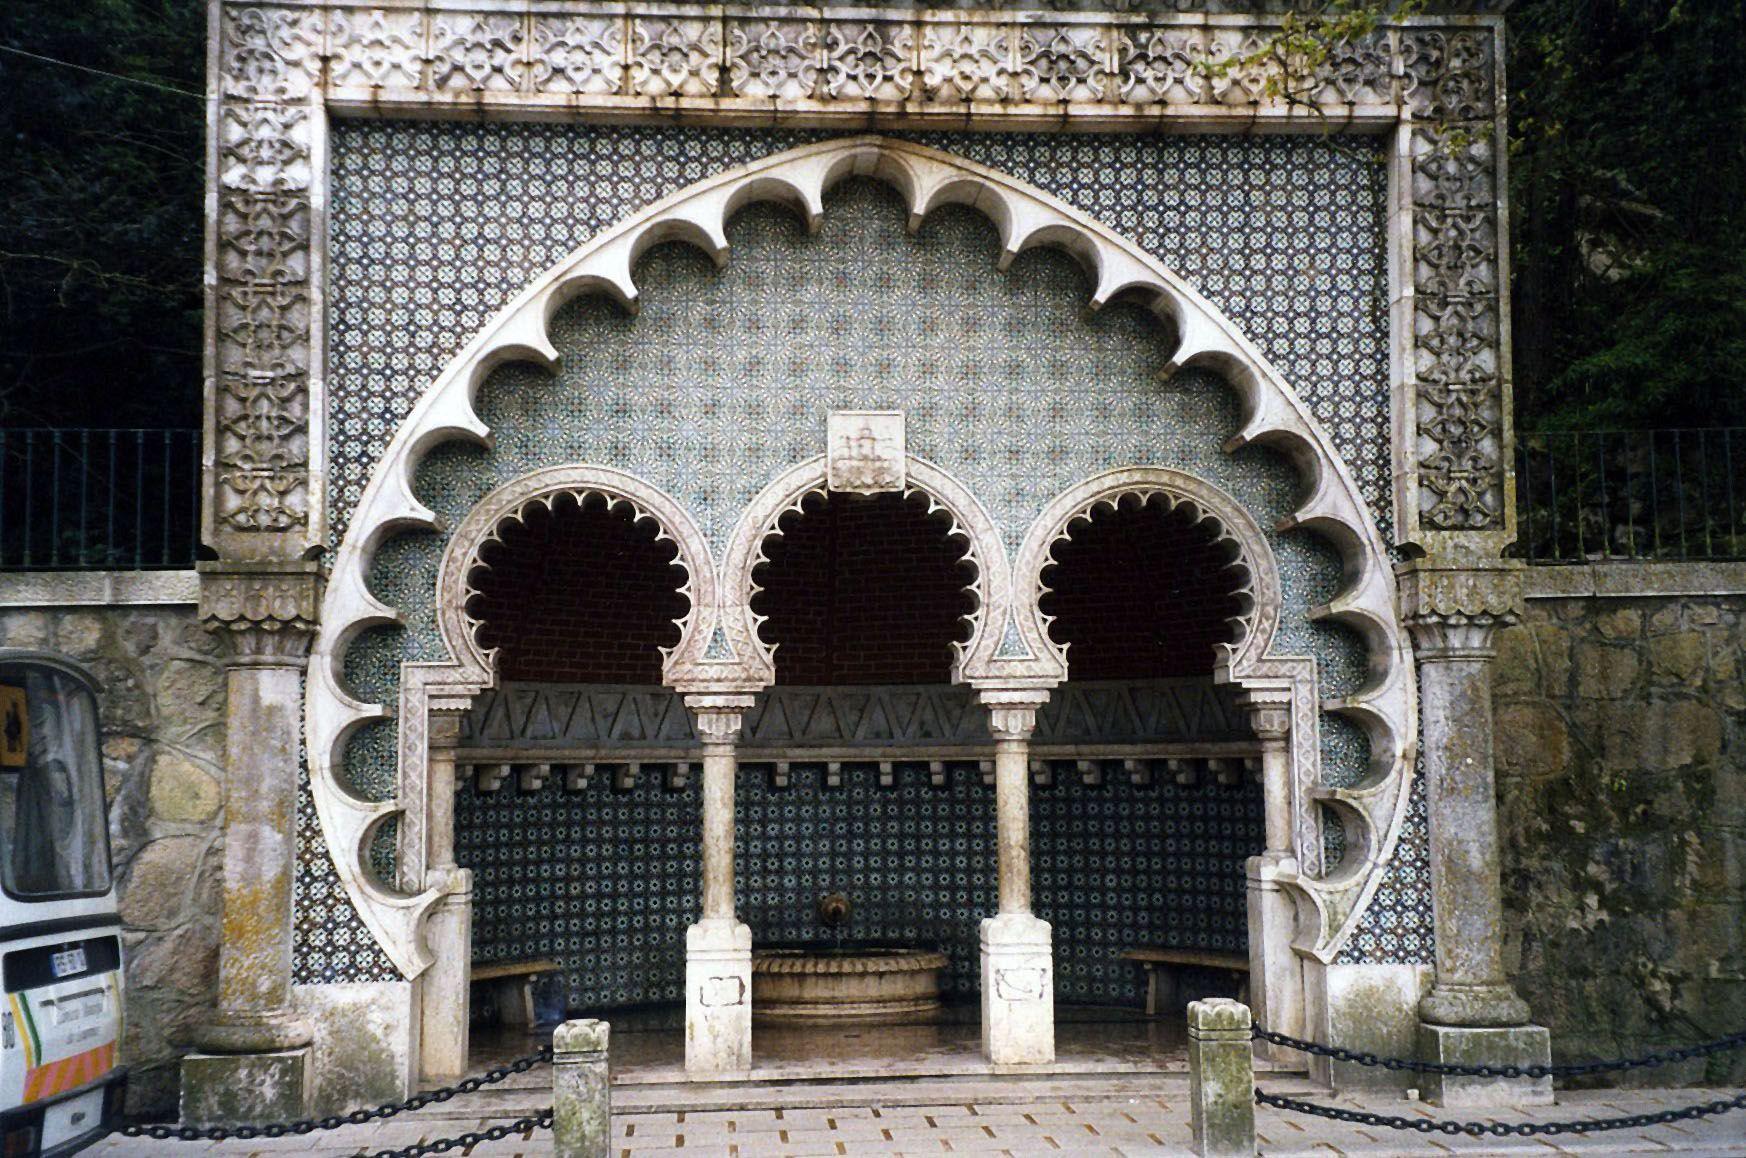 правда, фото арочных восточной архитектуры ворот тихим